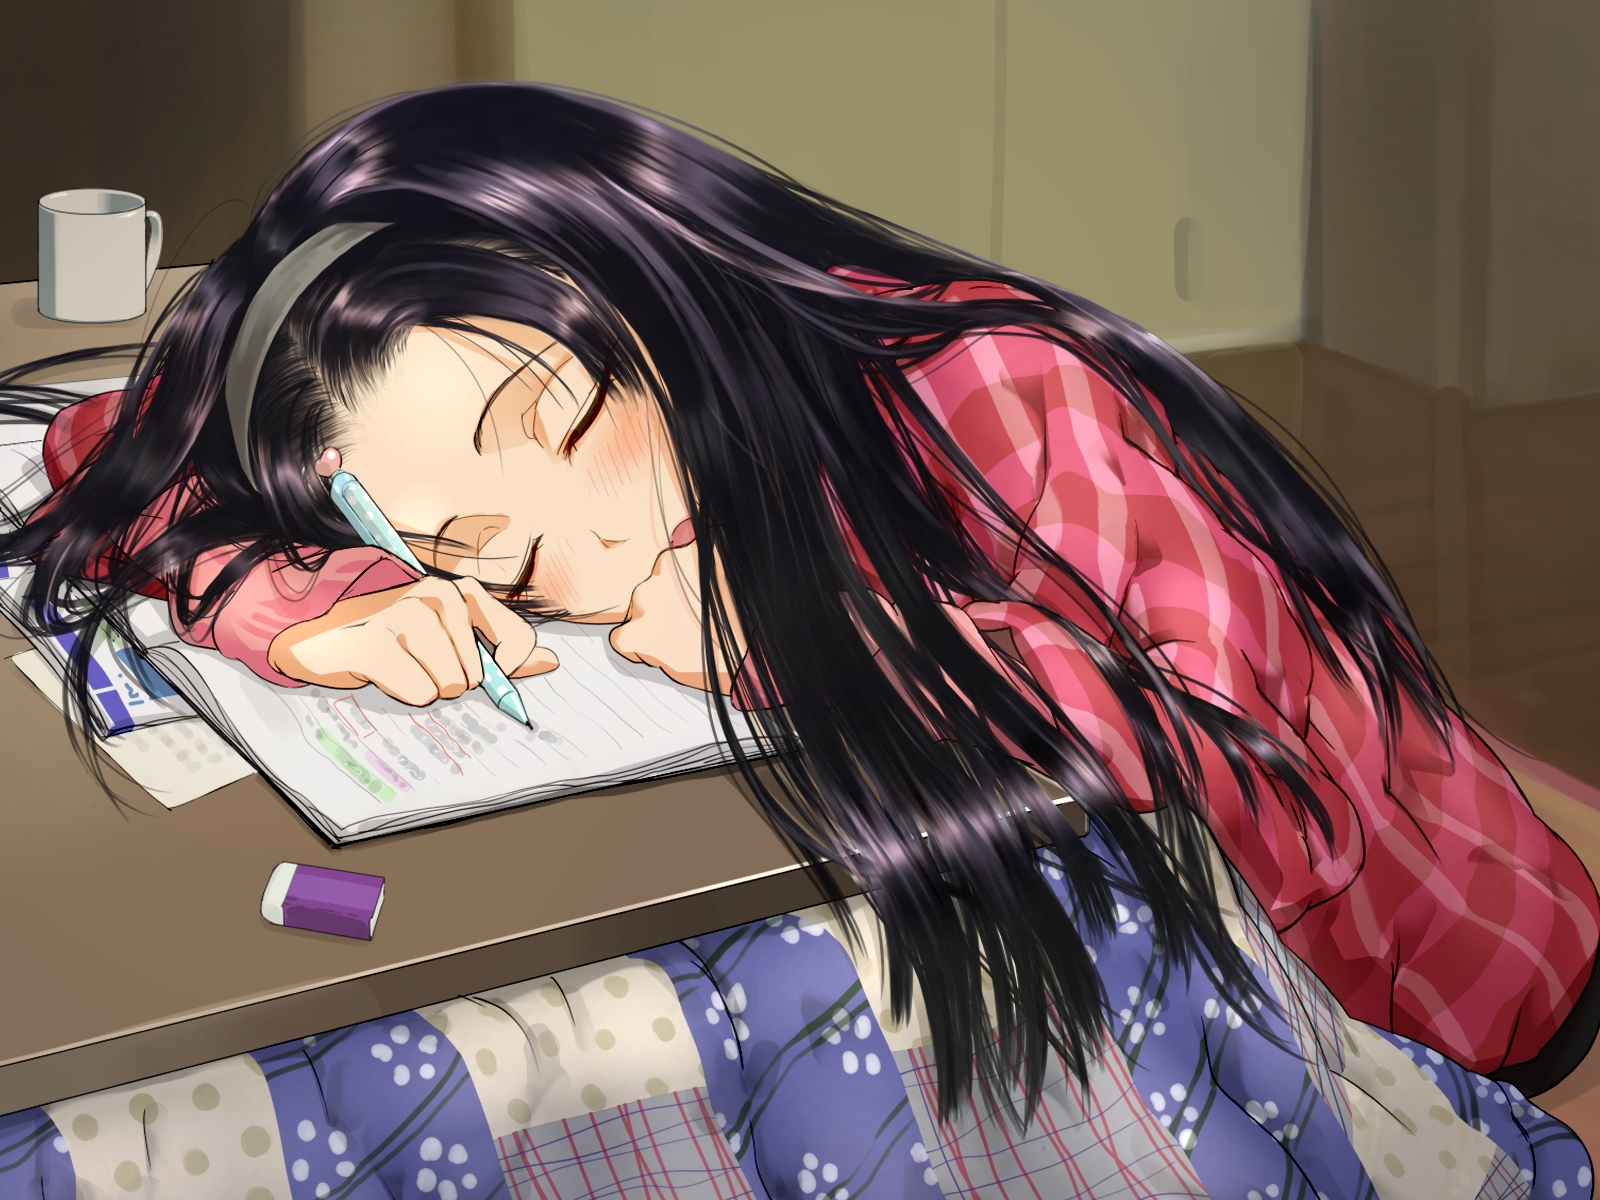 Resultado de imagem para study anime